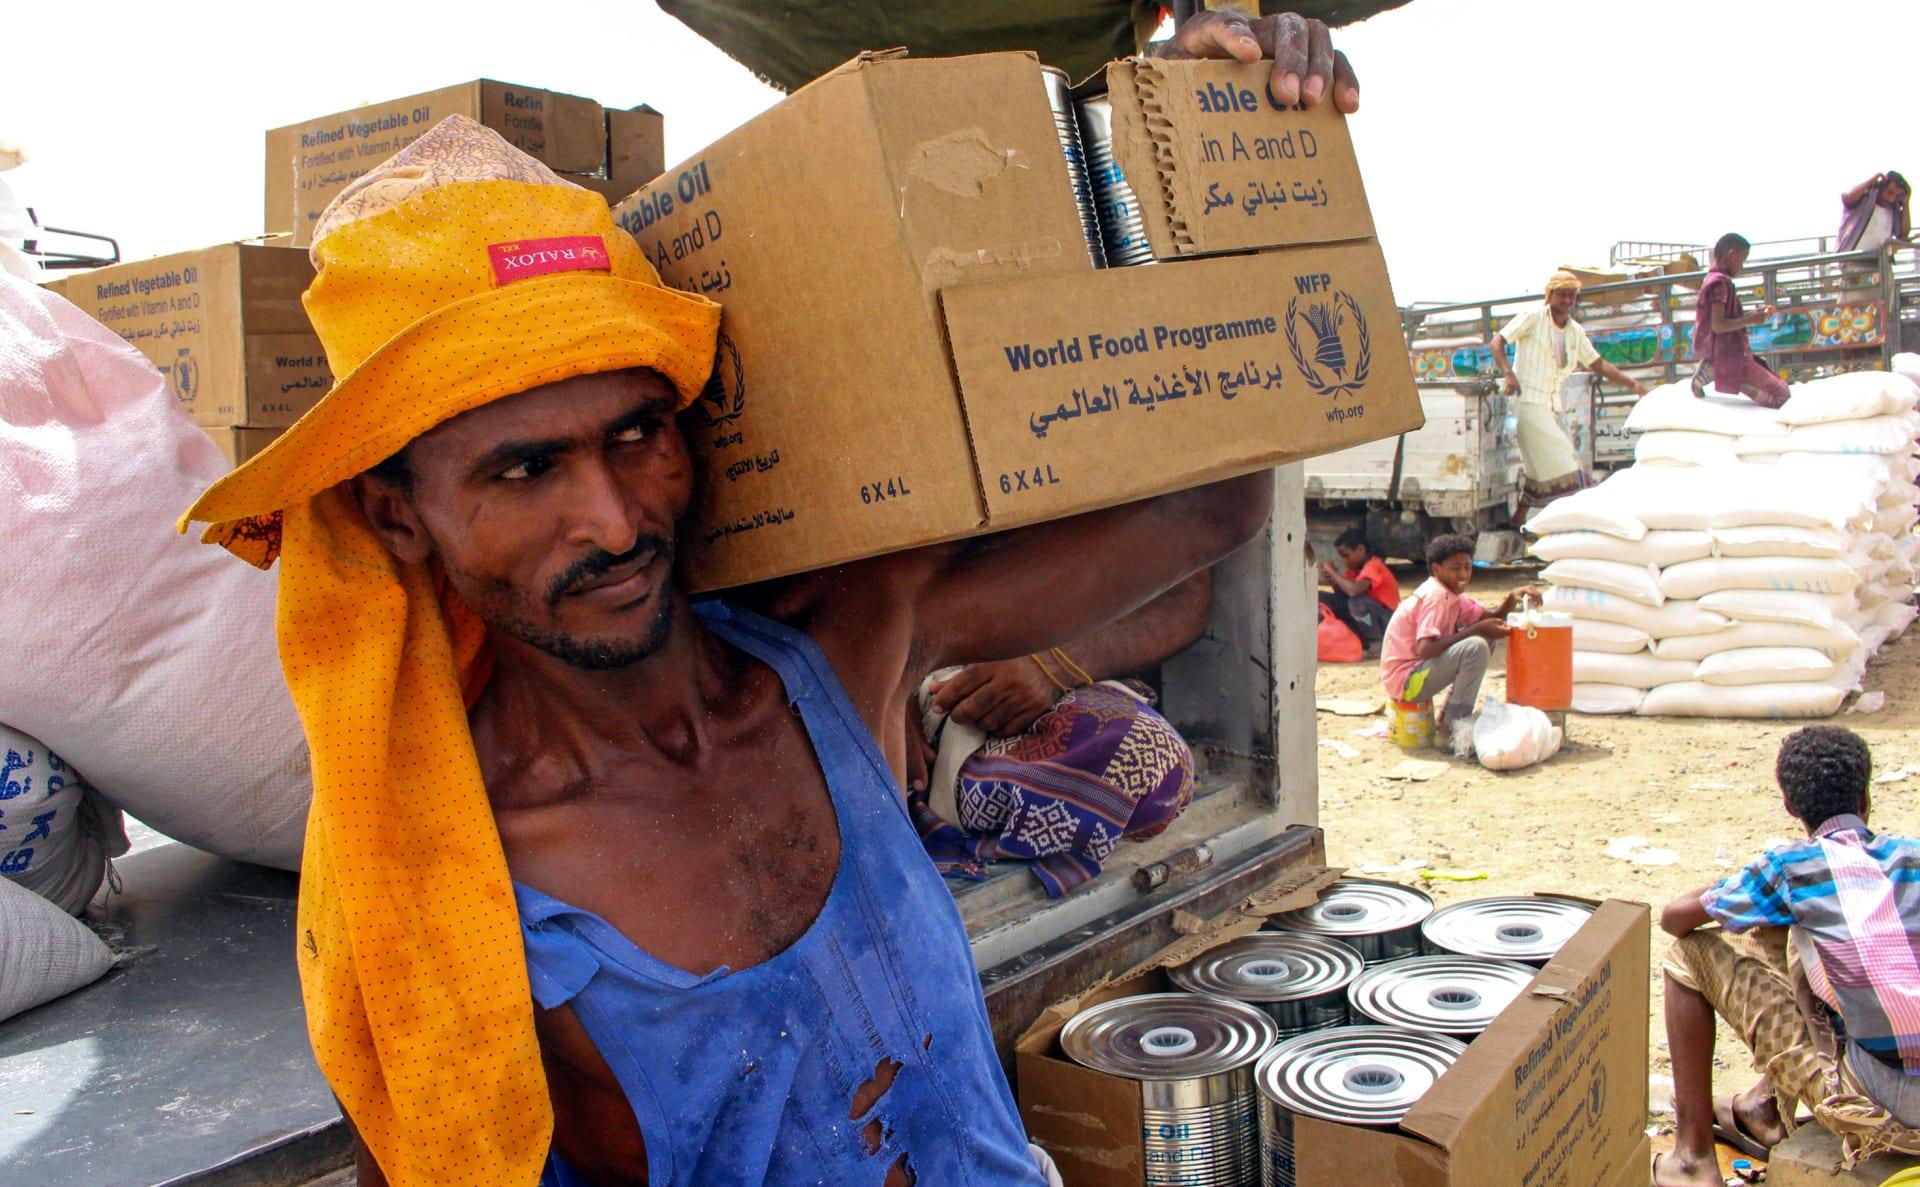 اليمن تطرح أوراقا مالية مرتفعة الفائدة لجمع 143 مليون دولار